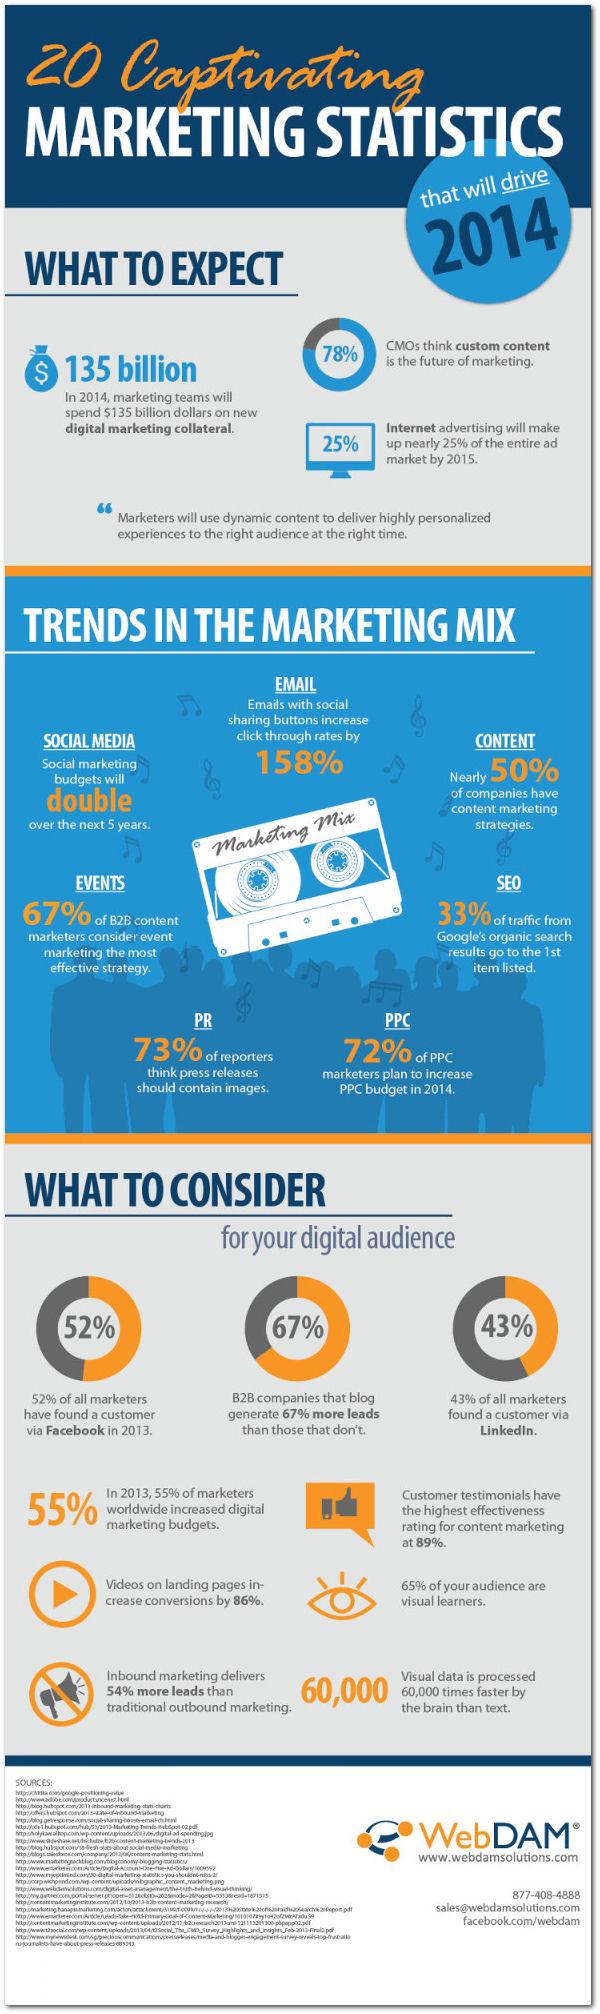 Tendências do Marketing Online em 2014. Infográfico mostra estatísticas sobre as principais tendências do marketing digital para 2014